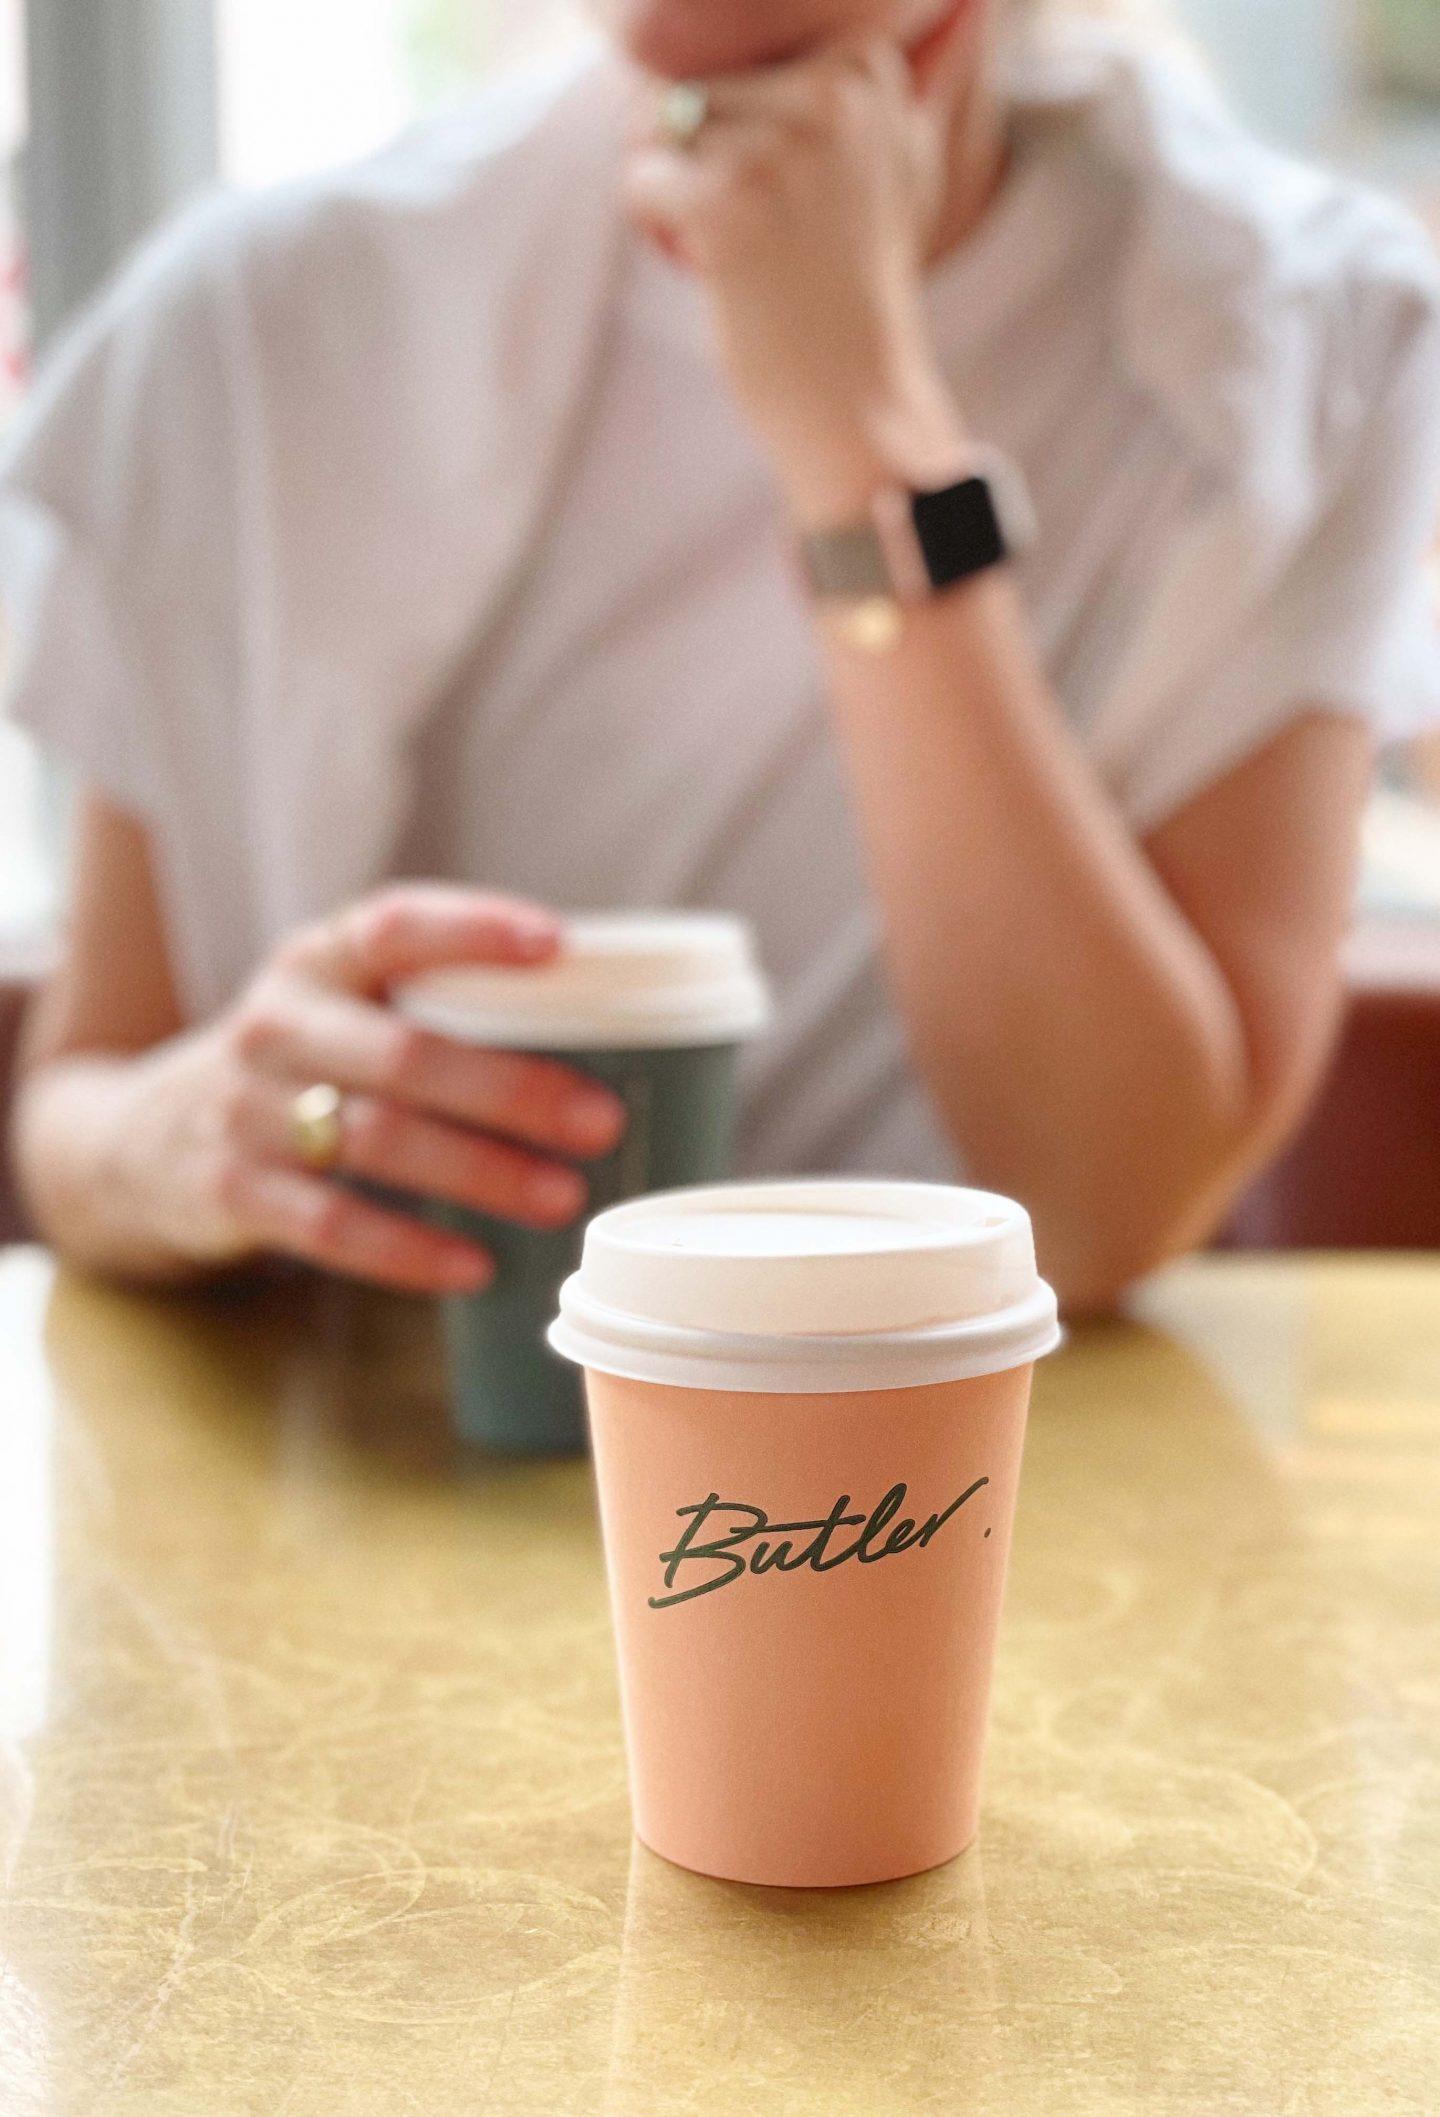 Butler Brooklyn coffee